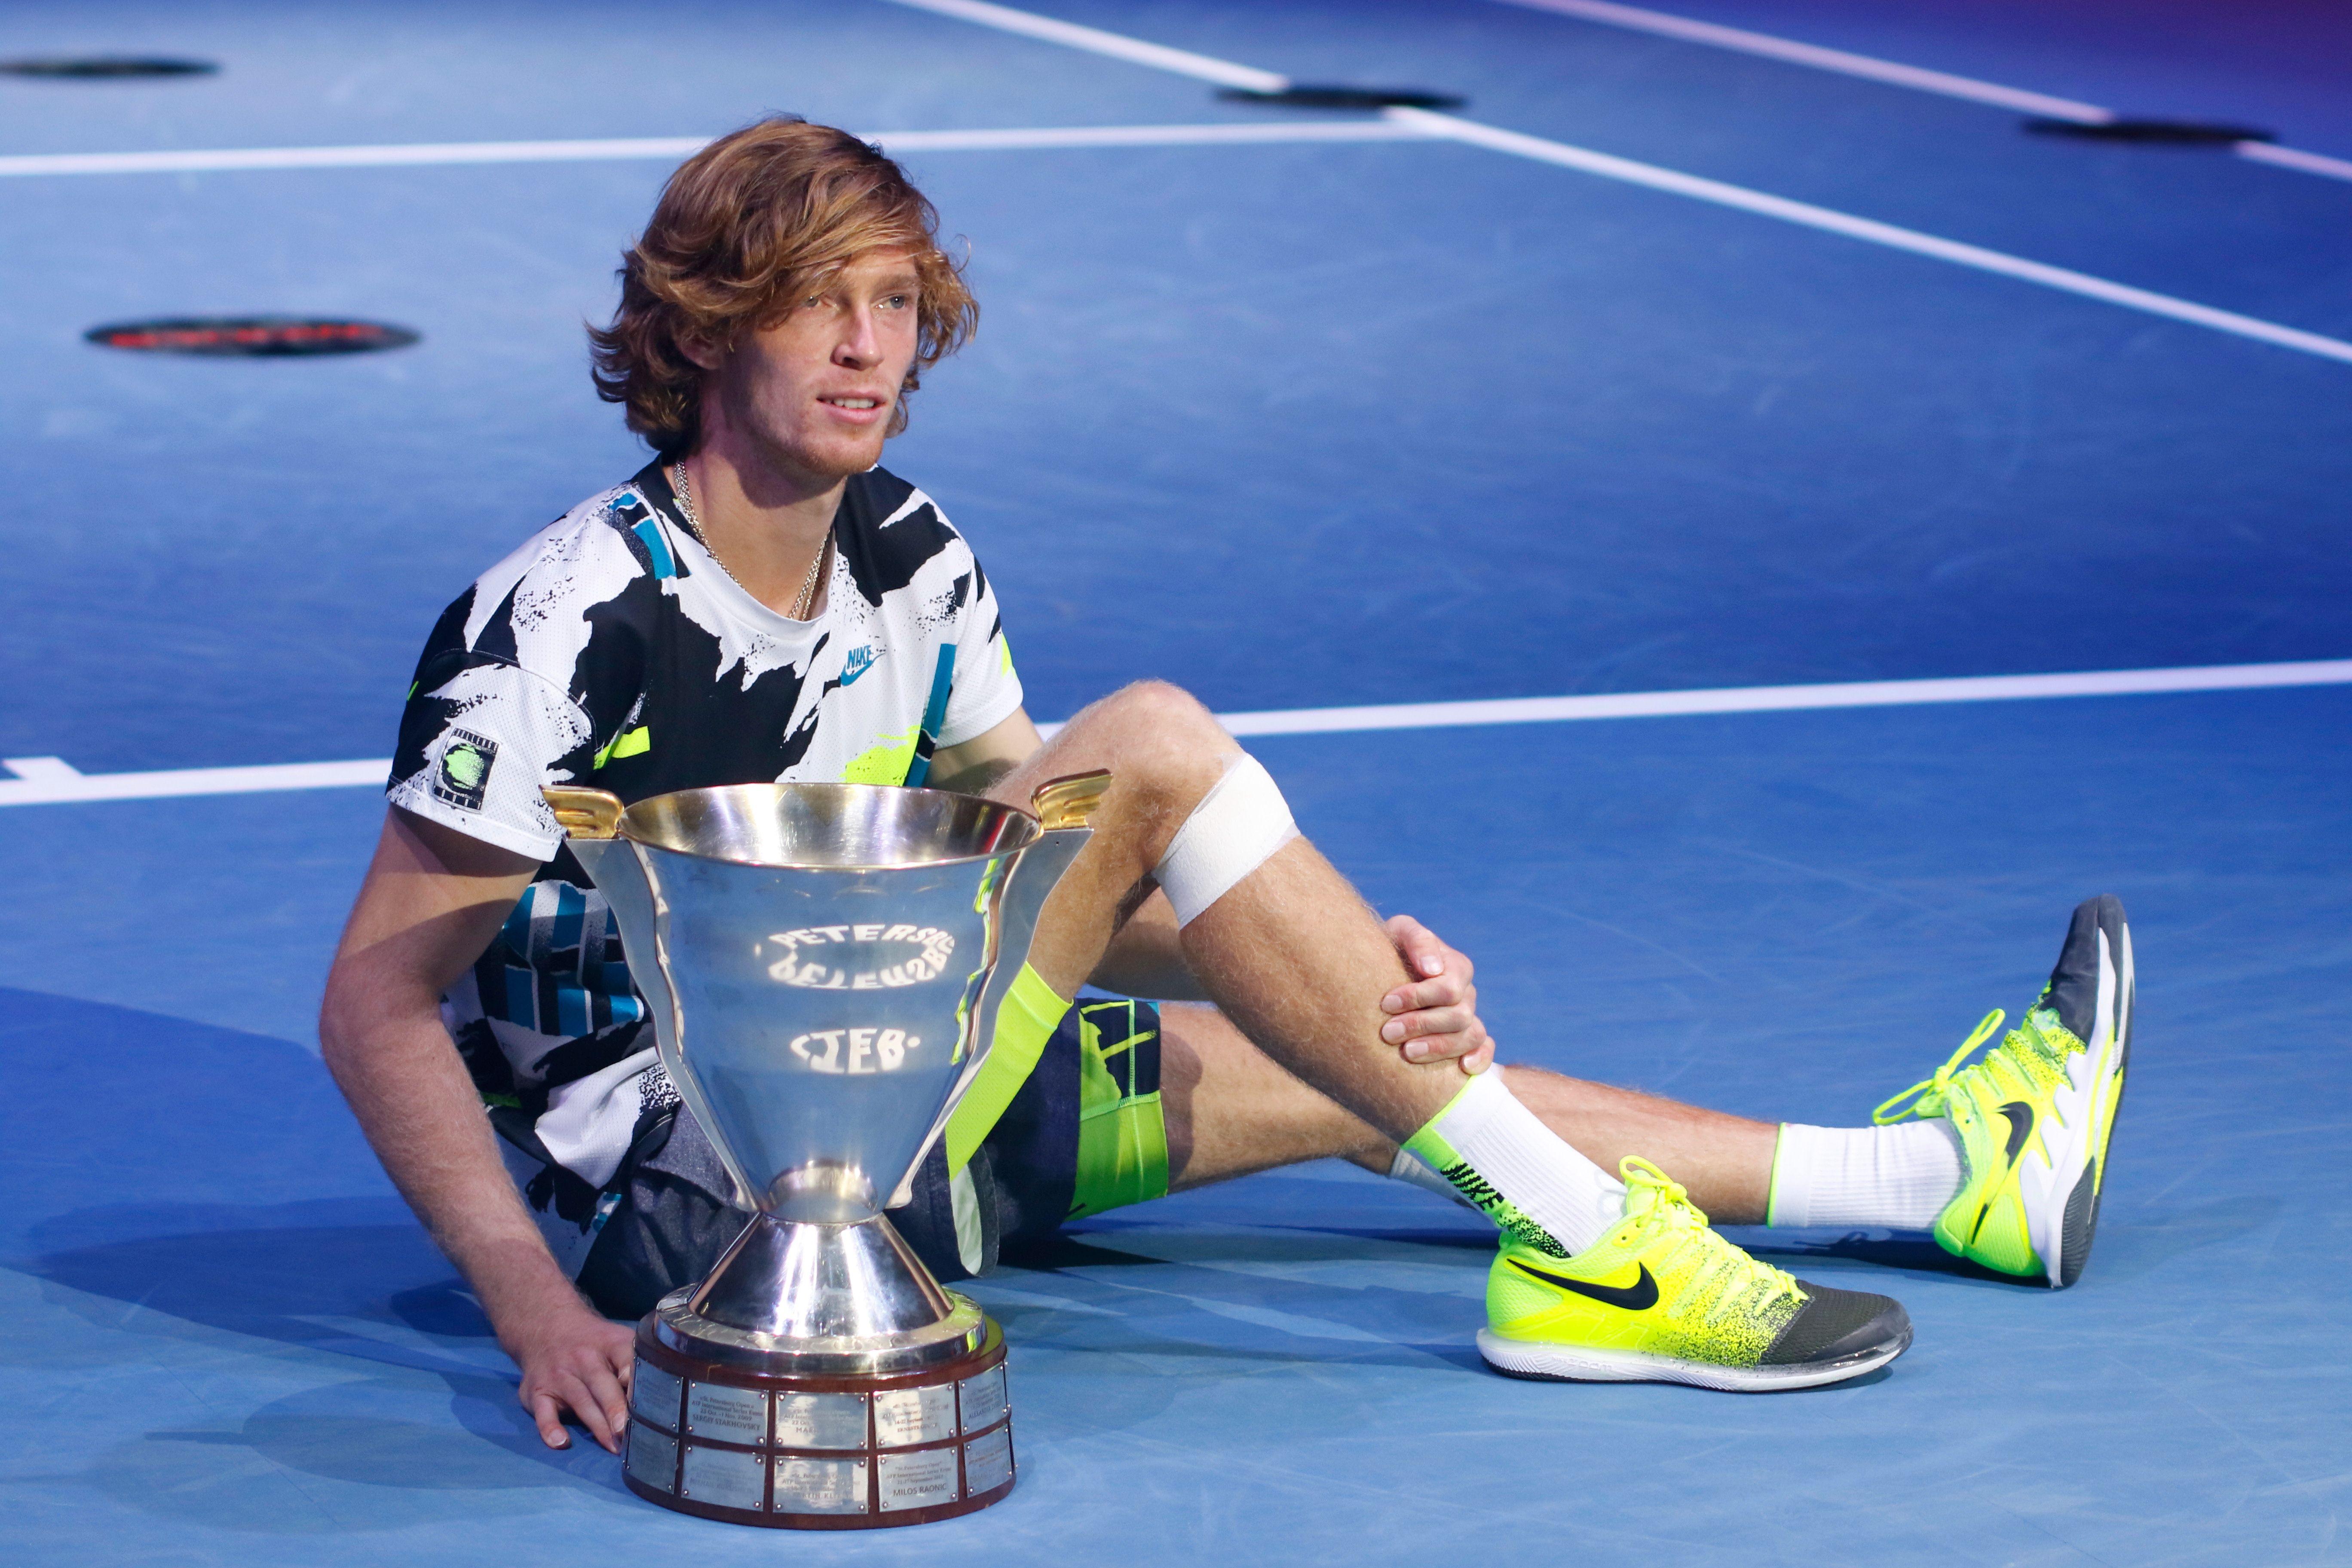 Рублёв заработал на ATP Finals более $ 300 тыс. и снова вышел в лидеры сезона по победам